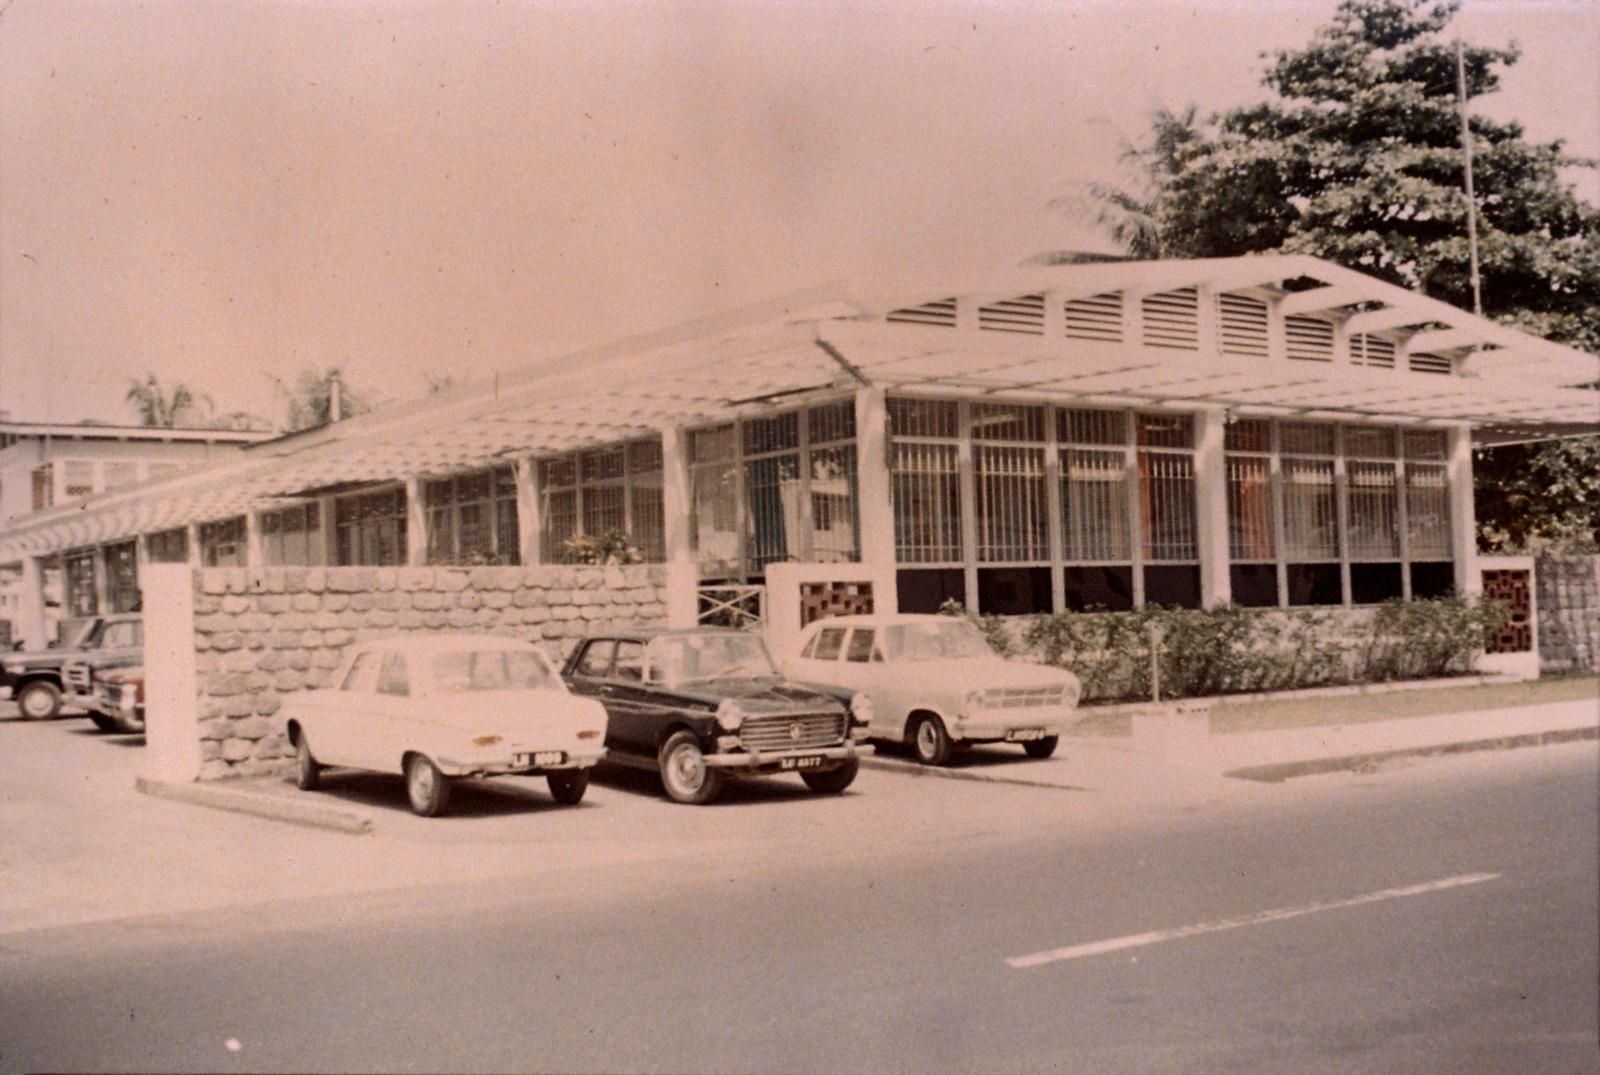 Lagos - Annex Office Building - 1973